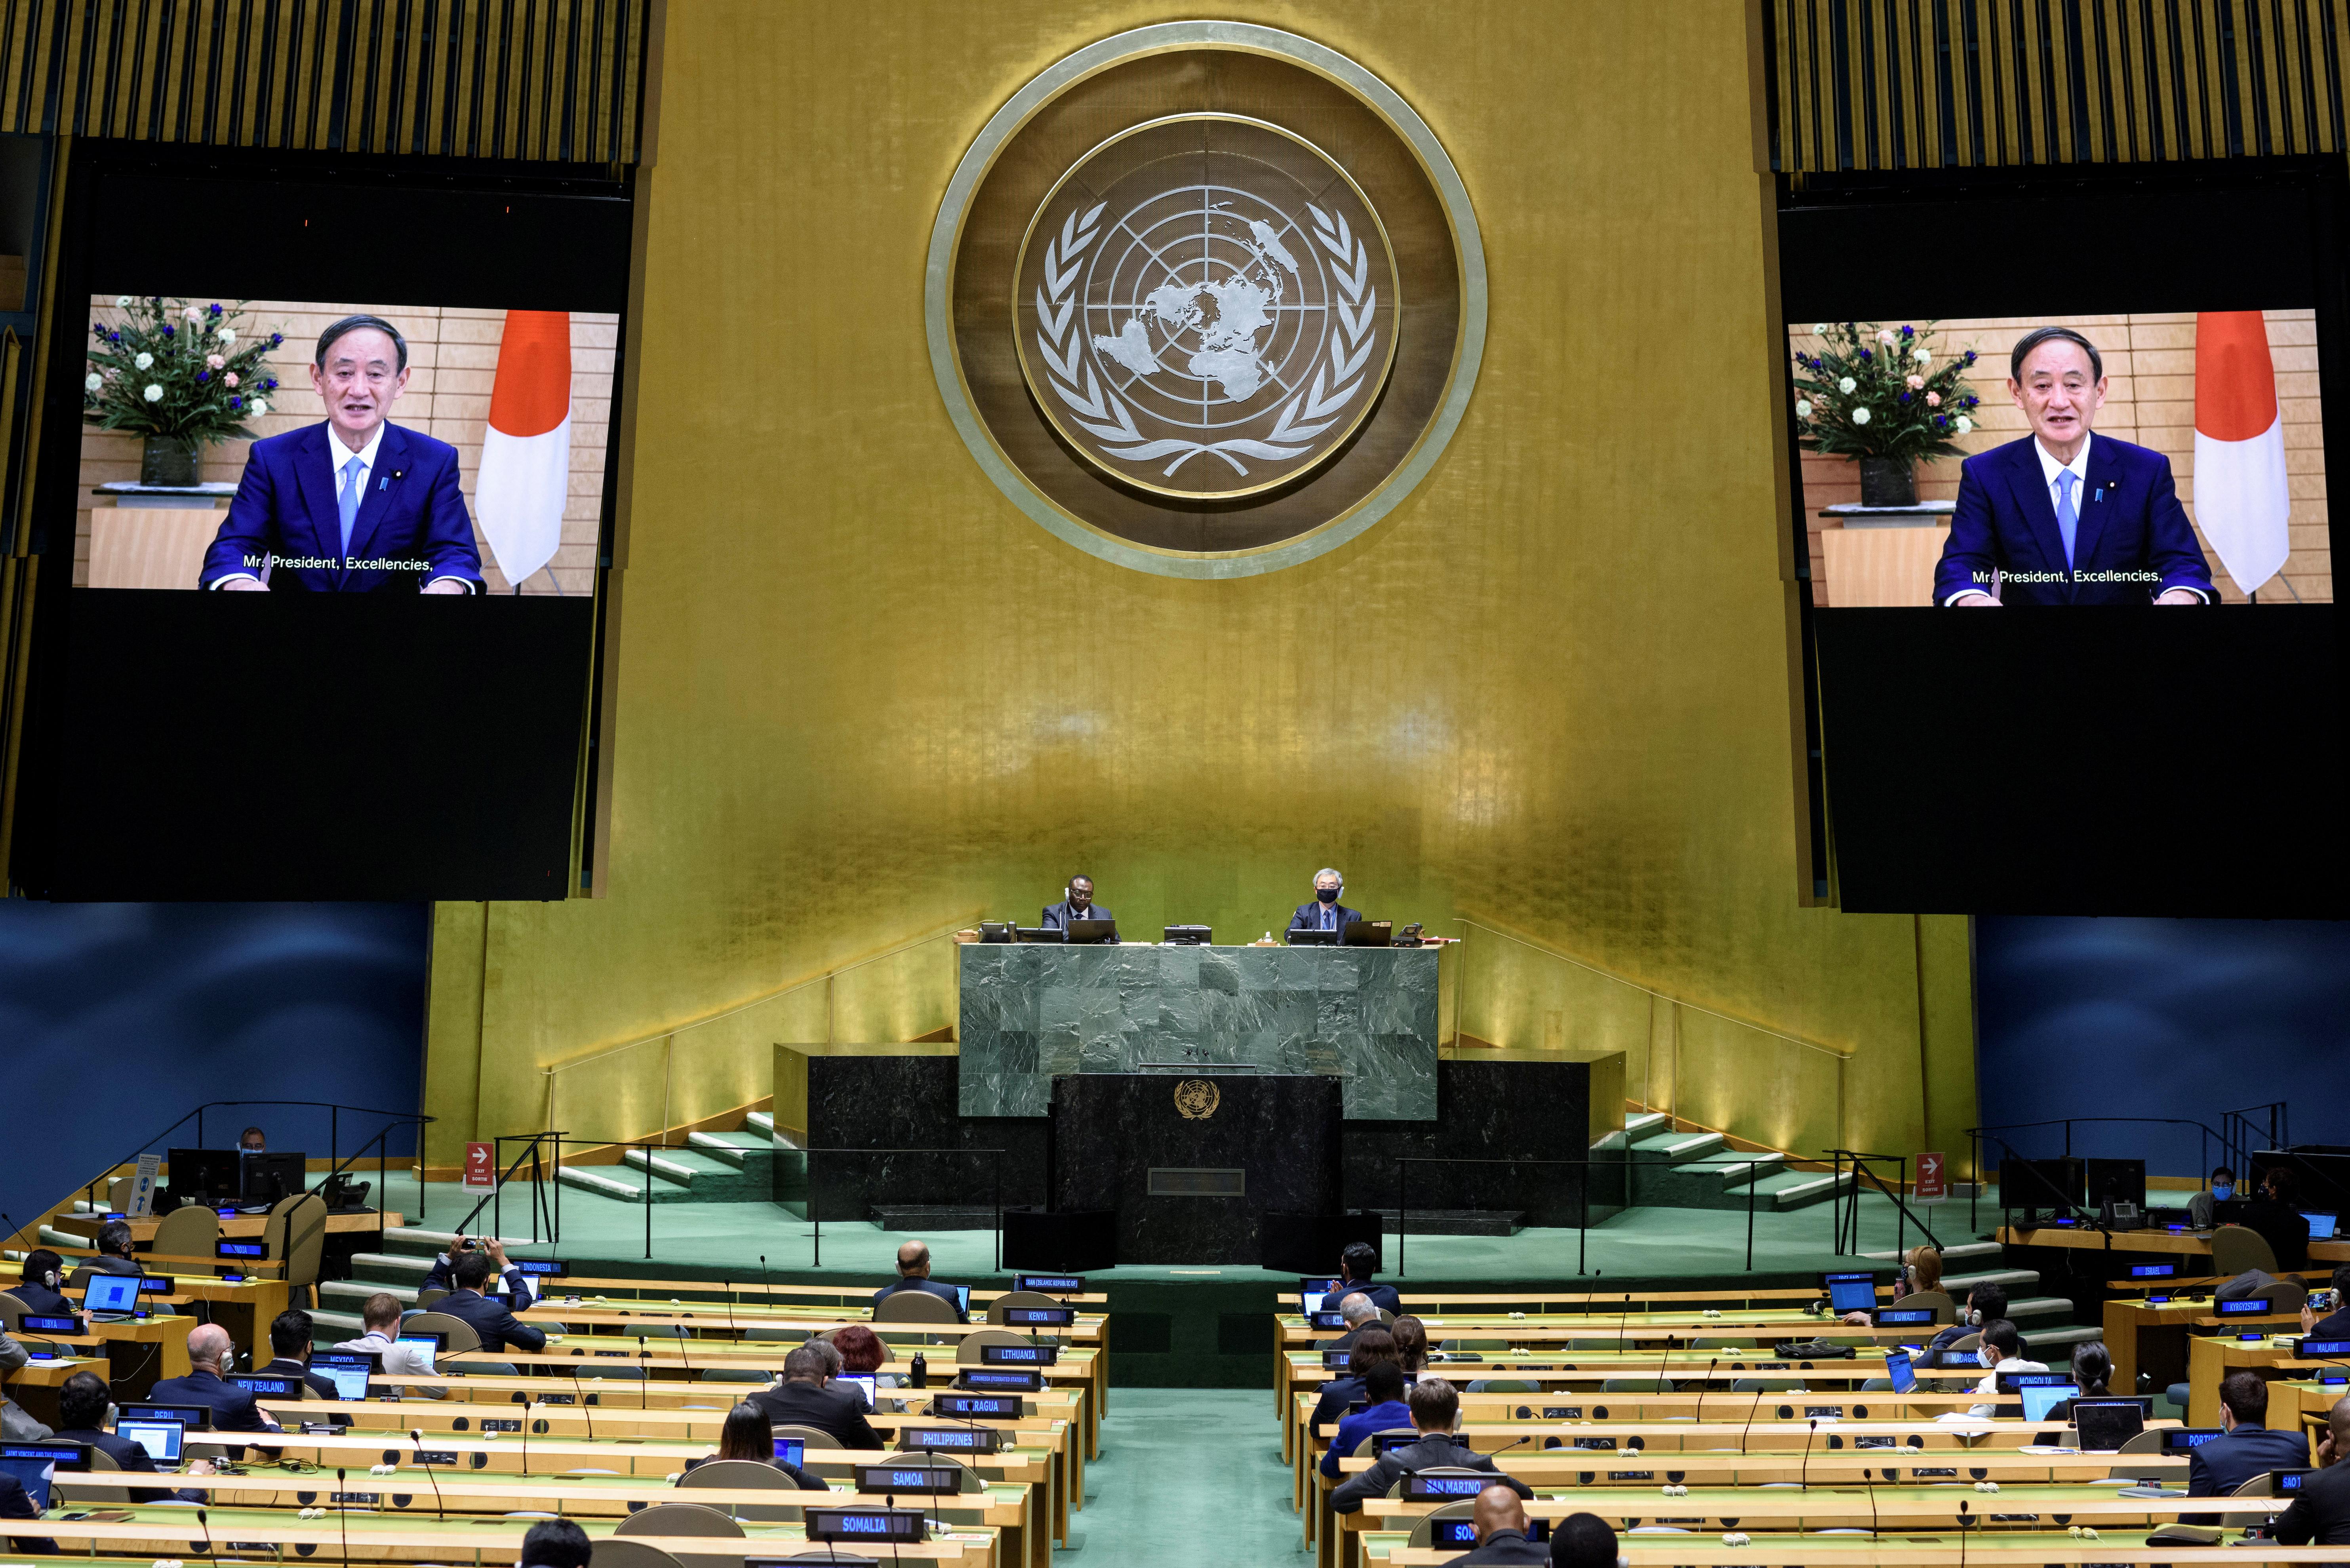 ▲▼日本首相菅義偉在第75屆聯合國大會透過預錄影像發表演說。(圖/路透社)